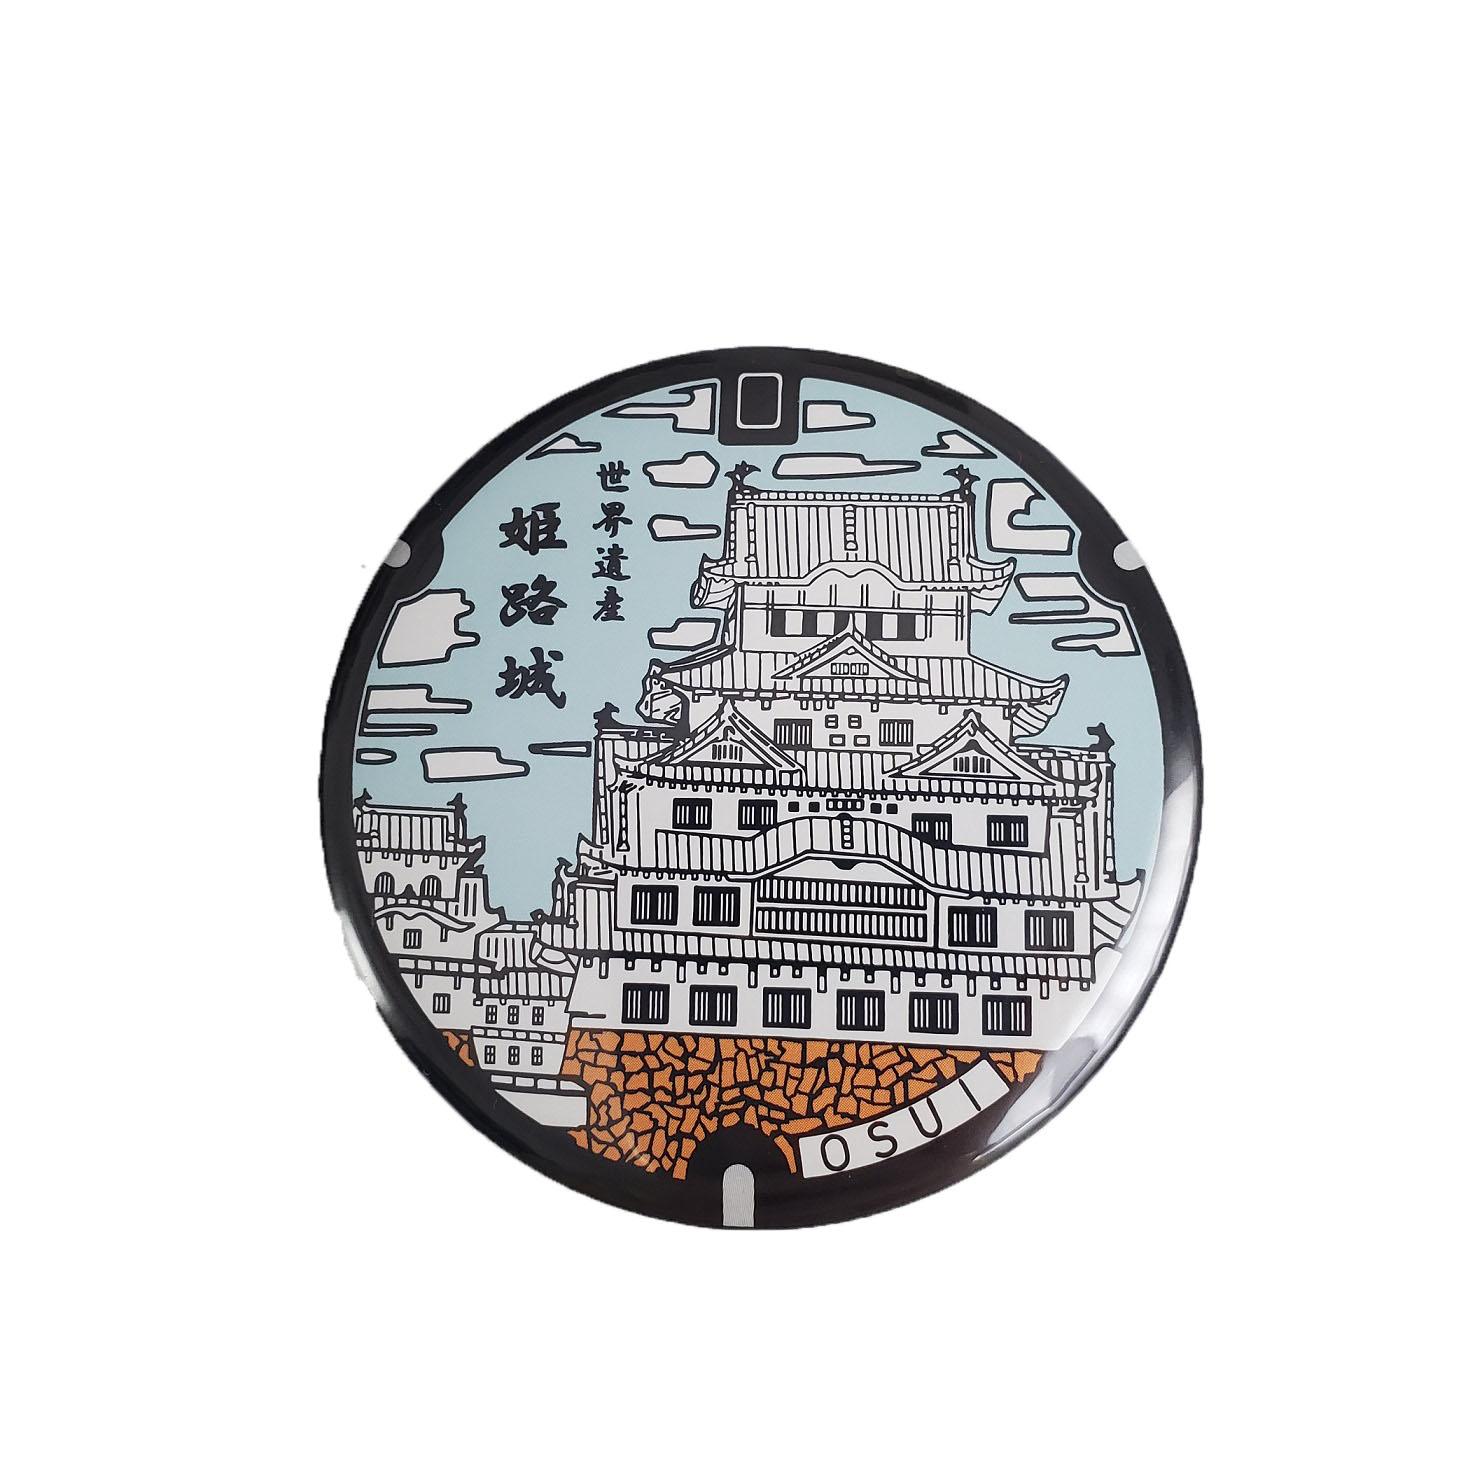 ご当地マンホール缶バッジ 兵庫県姫路市【メール便可能】